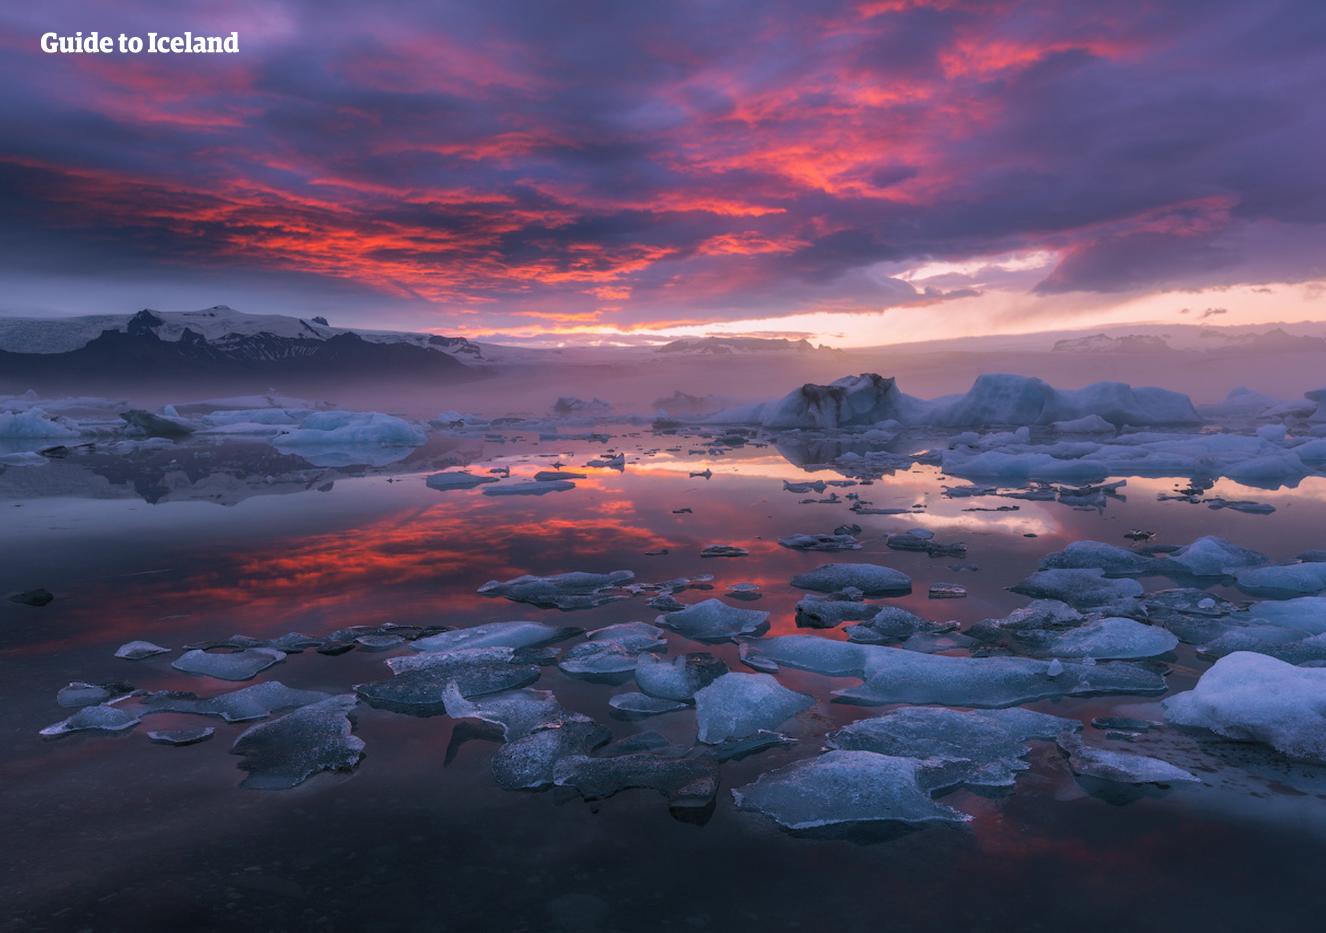 Bezoek de prachtige Jökulsárlón-gletsjerlagune tijdens een autorondreis in de zomer en zie hoe ijsbergen vredig op het ijskoude water drijven.